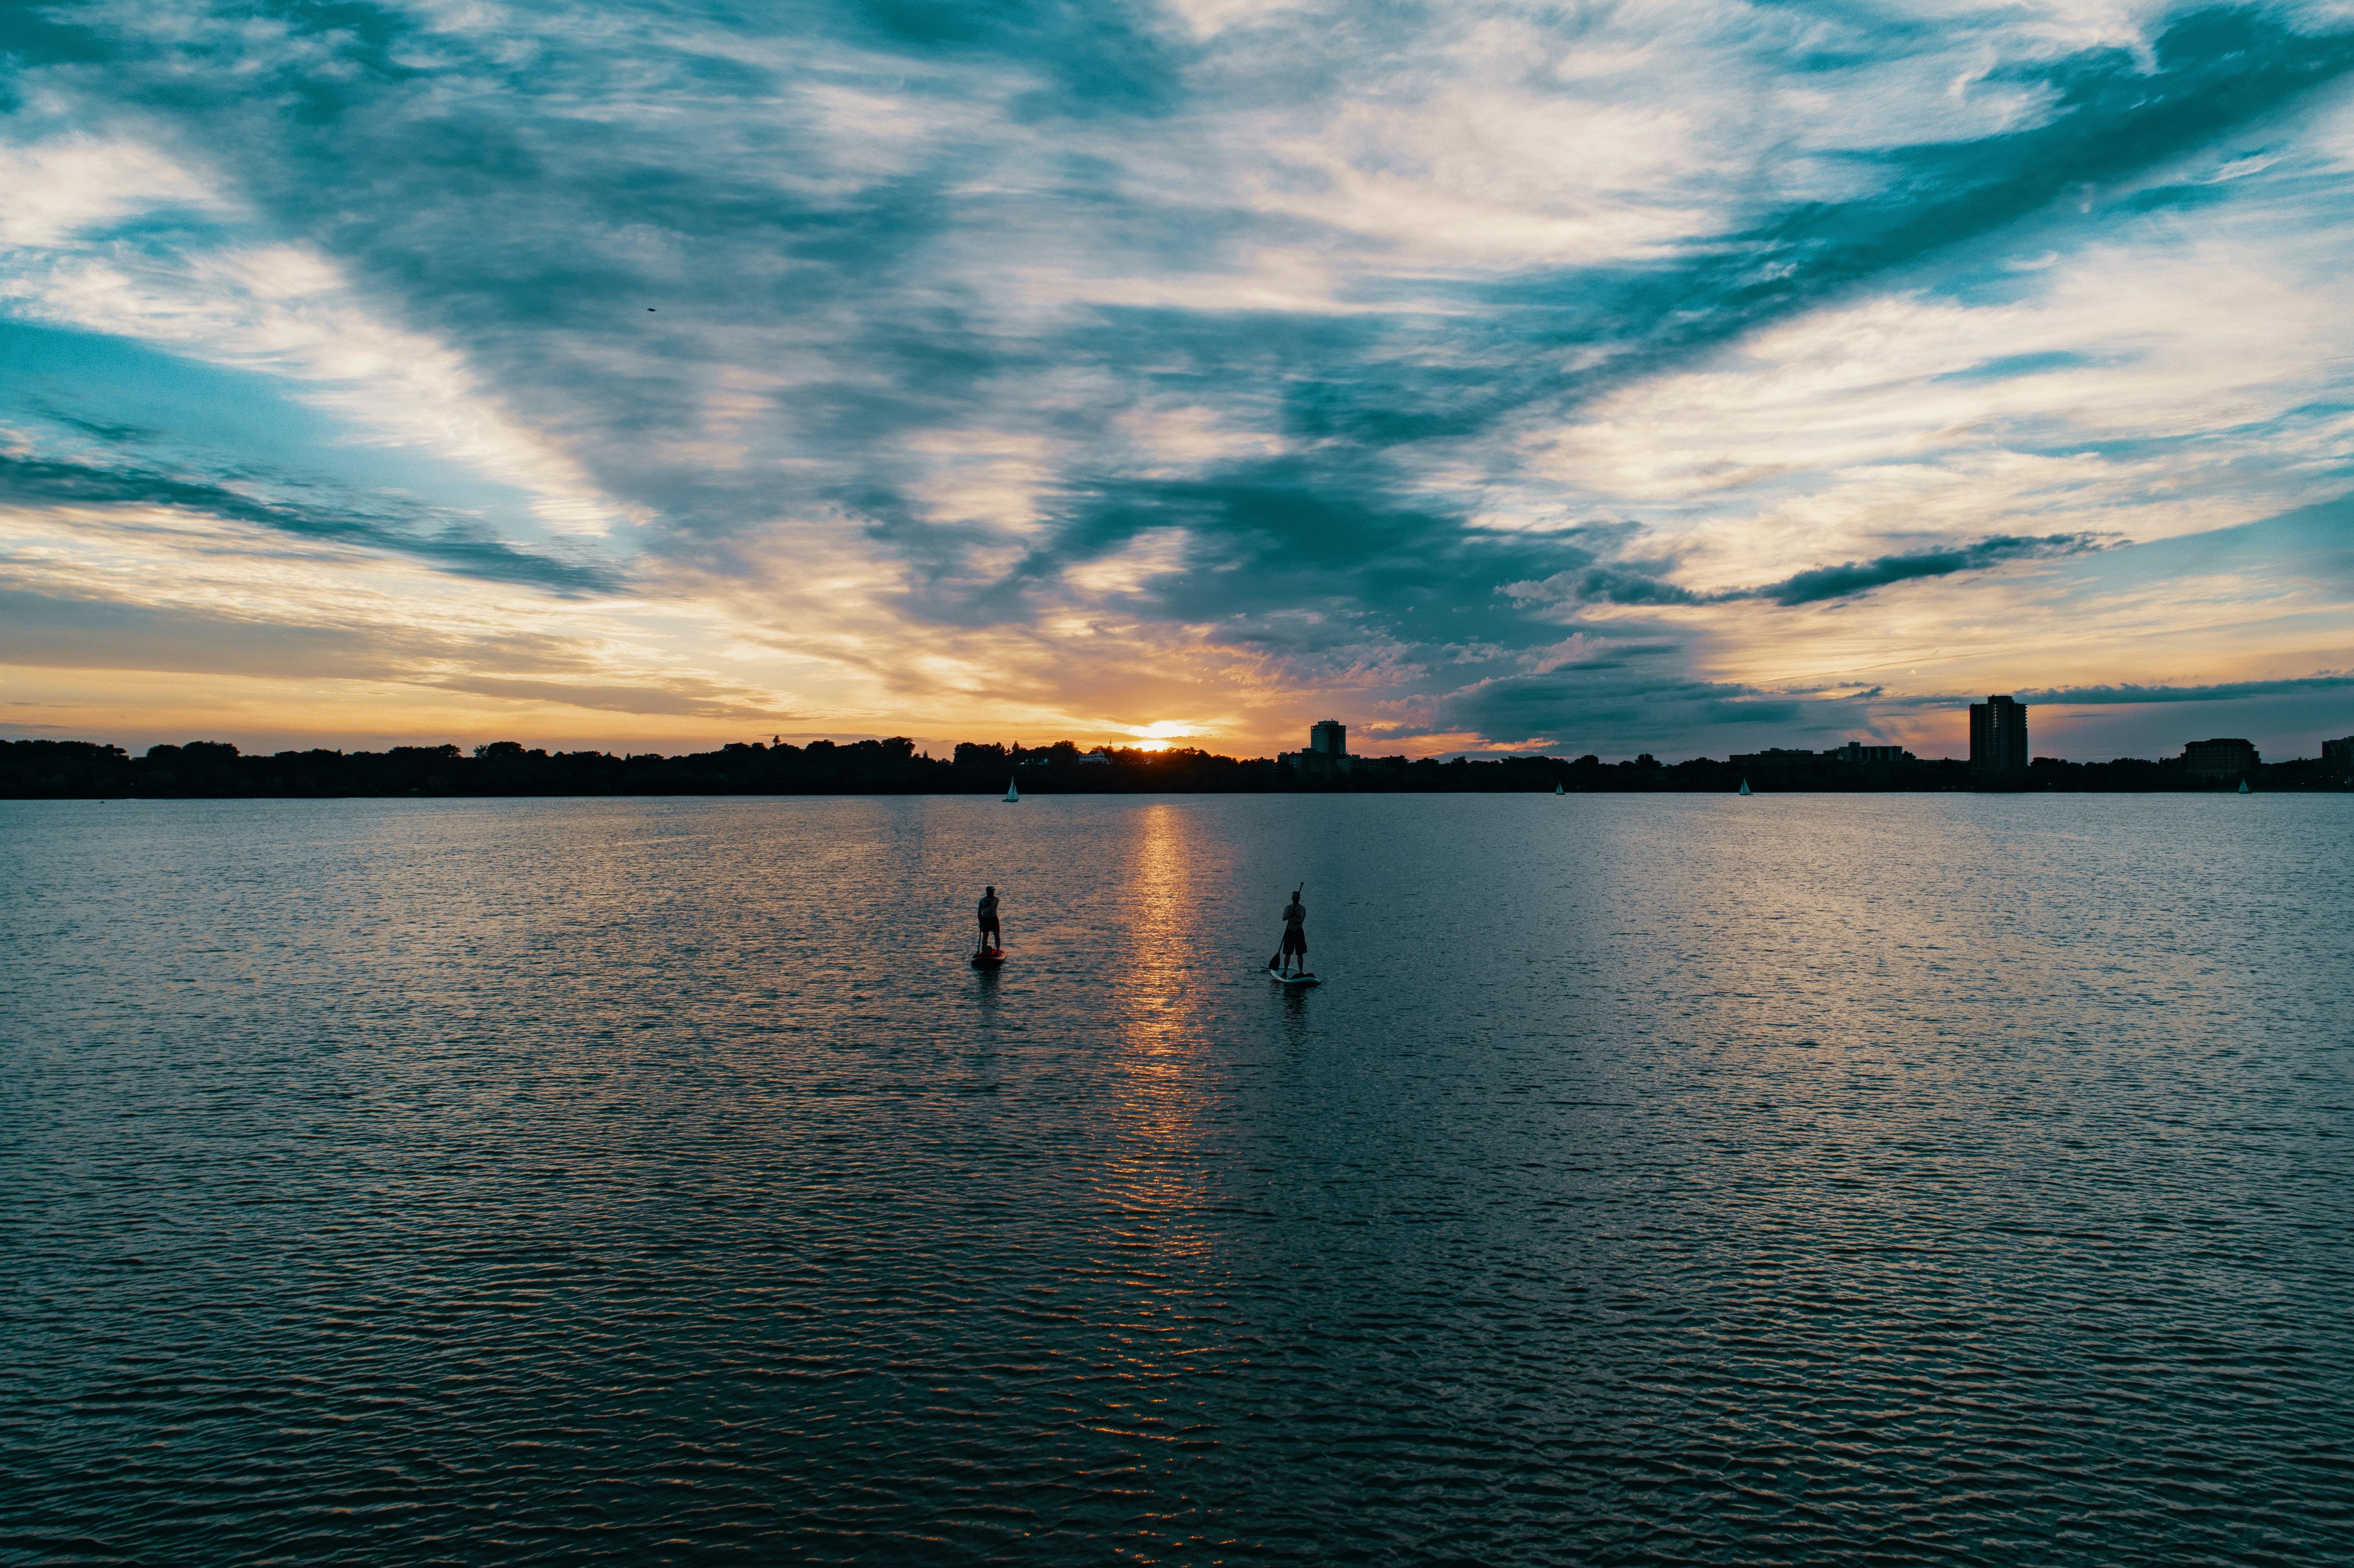 Moře během západu slunce s dvěma osobami na paddleboardech.